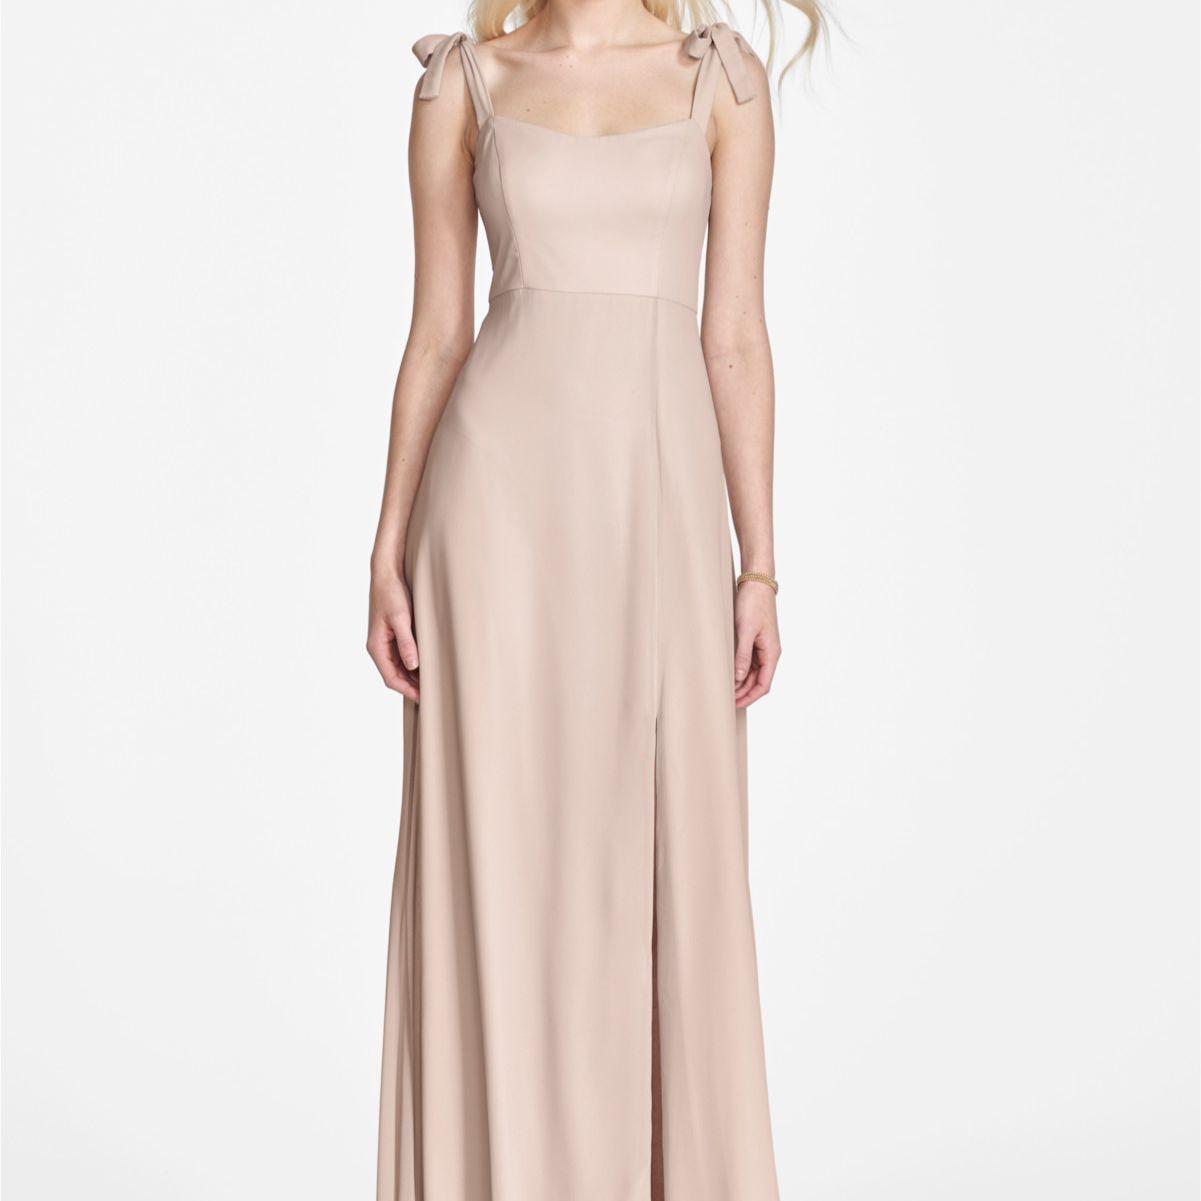 Wtoo Milena Bridesmaid Dress